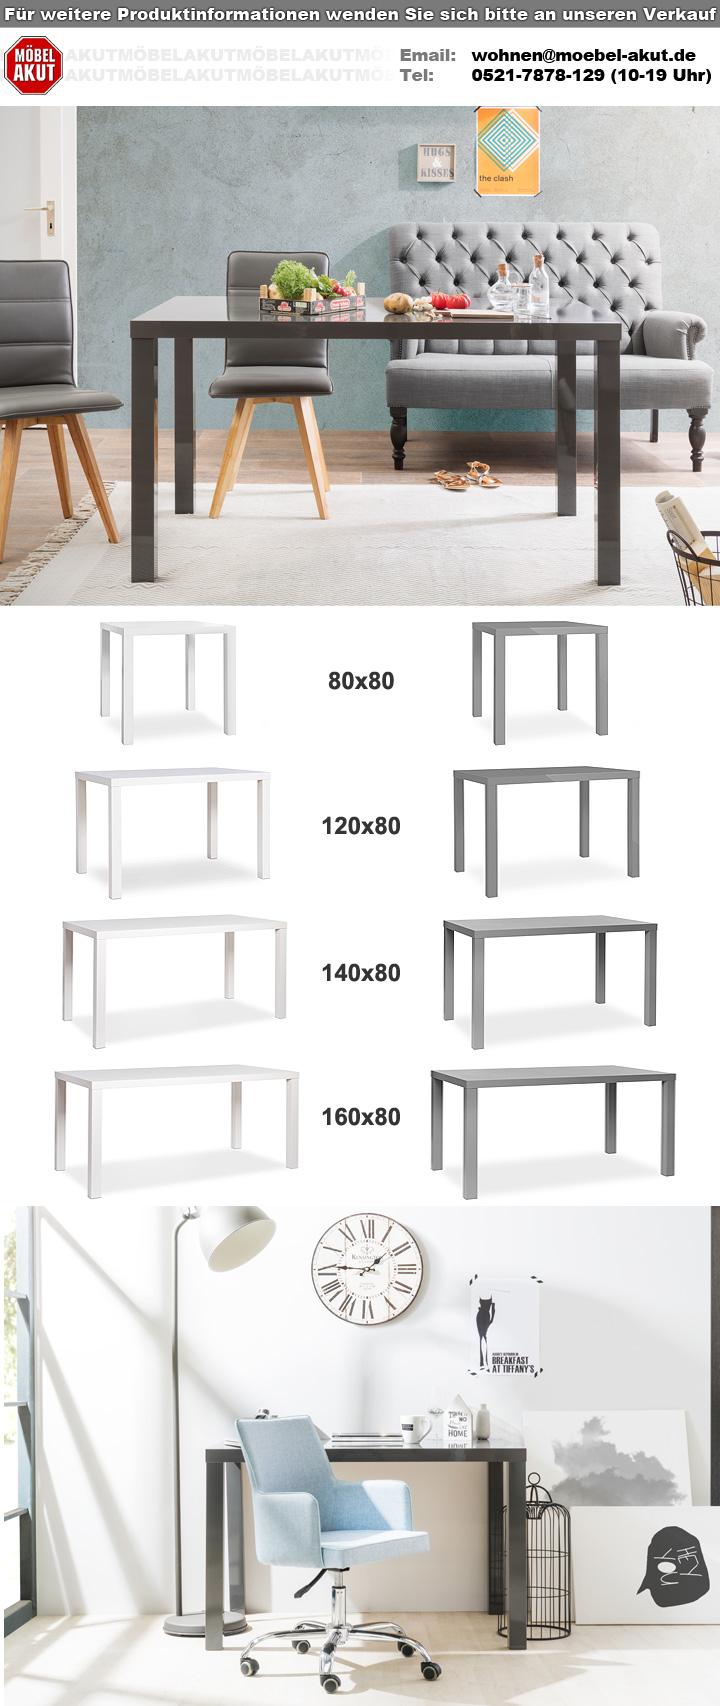 ... Esszimmertisch Küchentisch MDF in grau Hochglanz lackiert 140x80